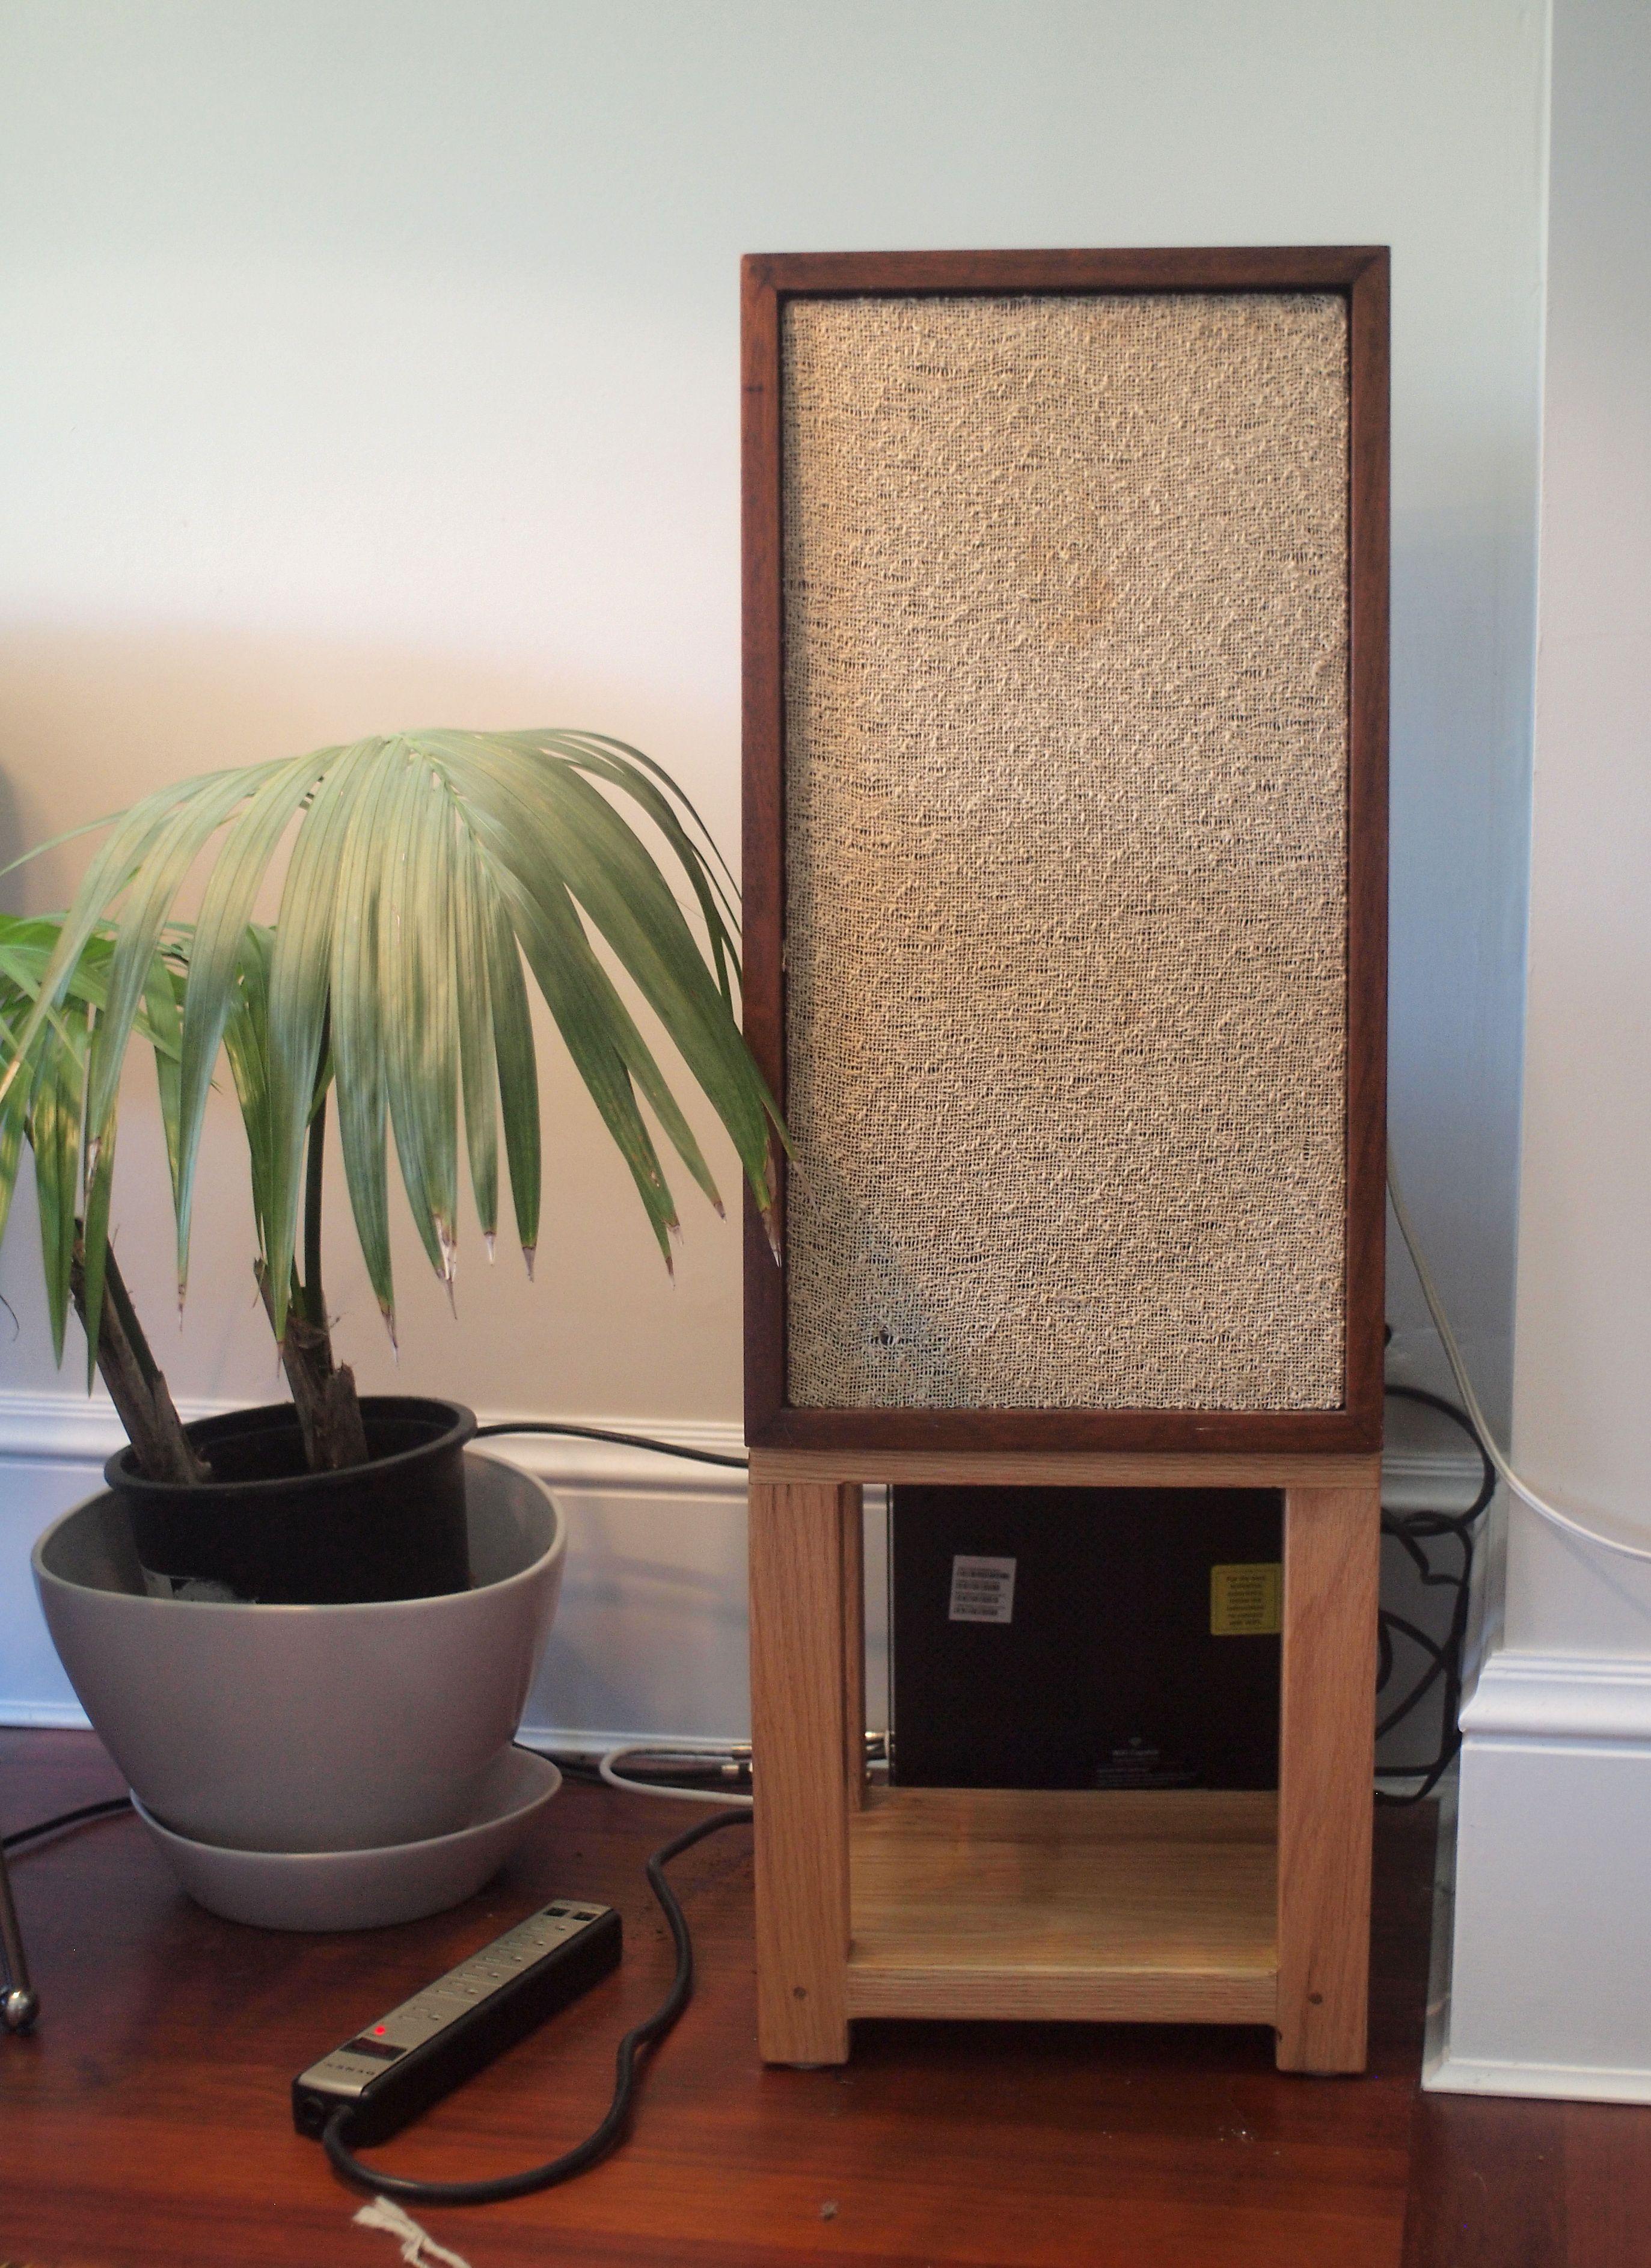 Homemade solid oak speaker stands holding vintage KLH Model 10